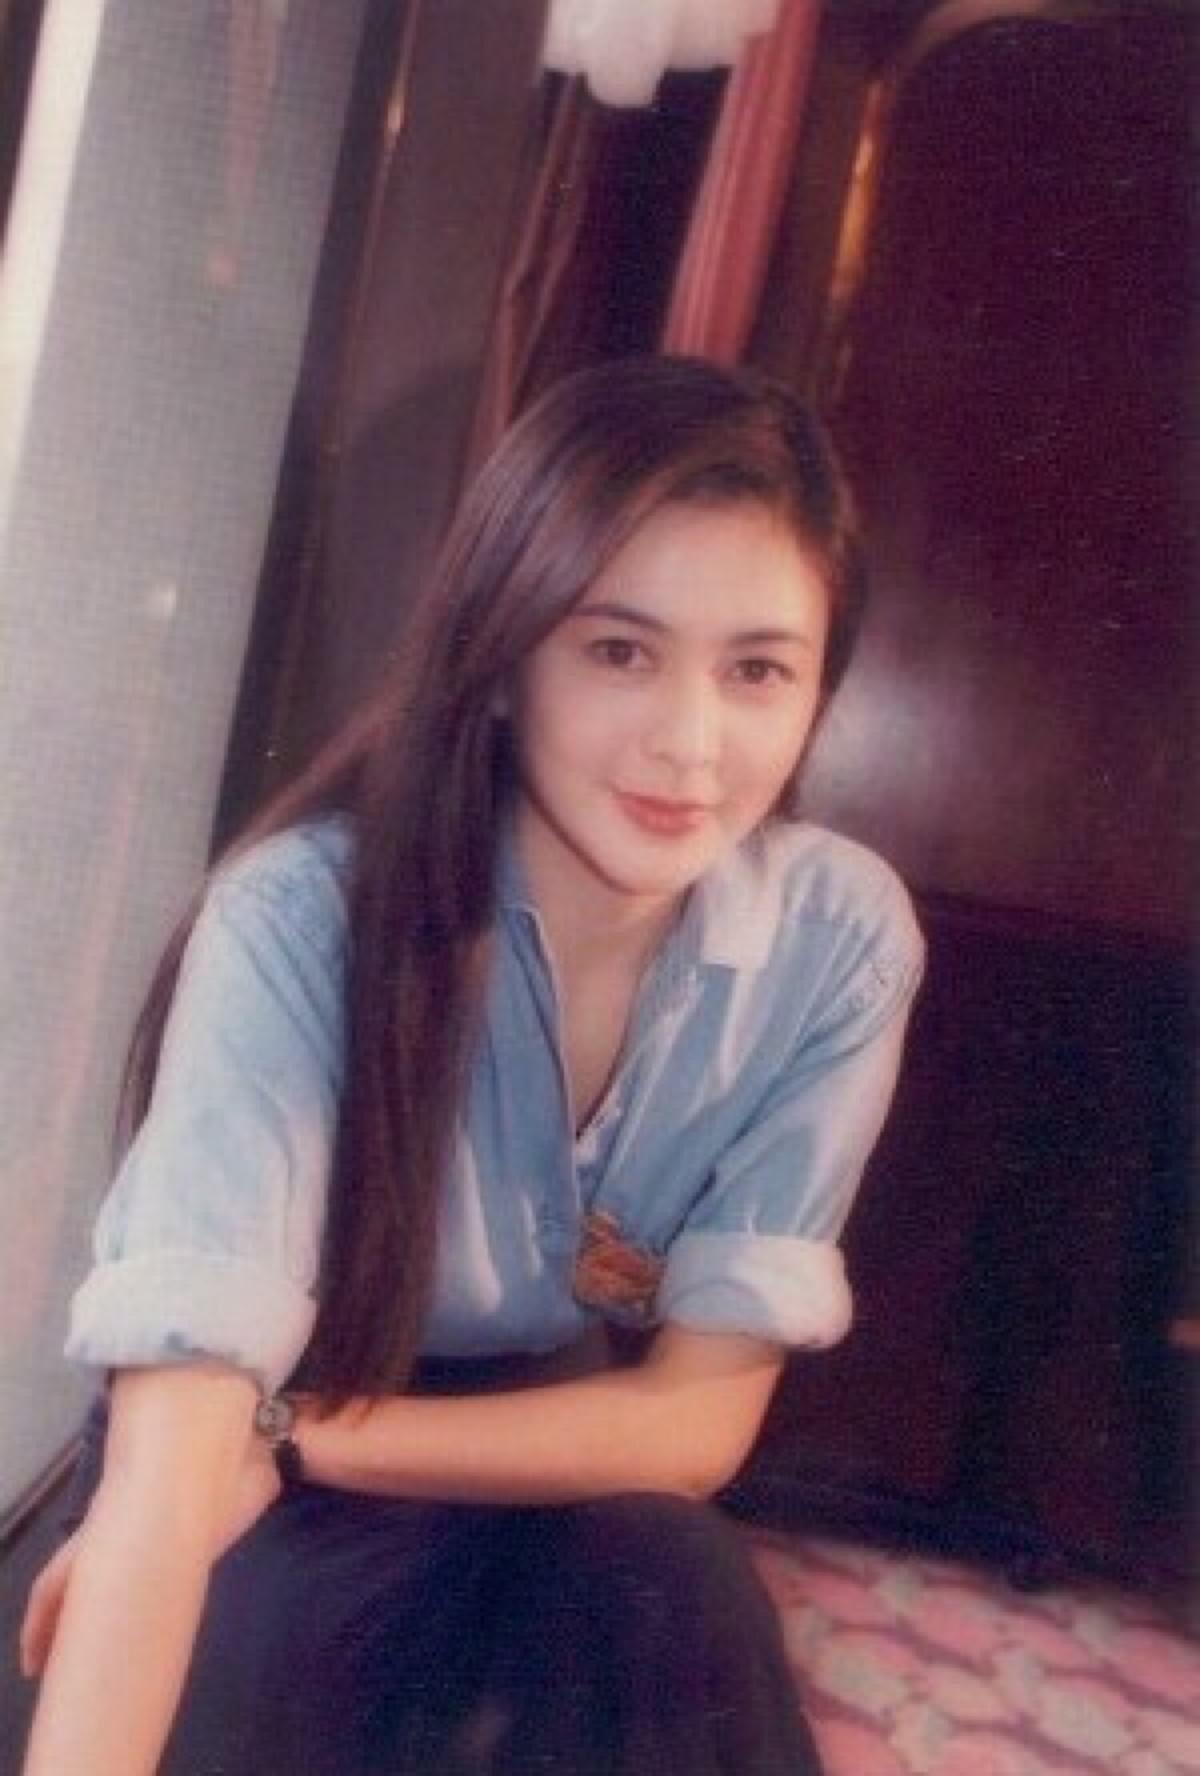 關之琳年輕時照片圖片